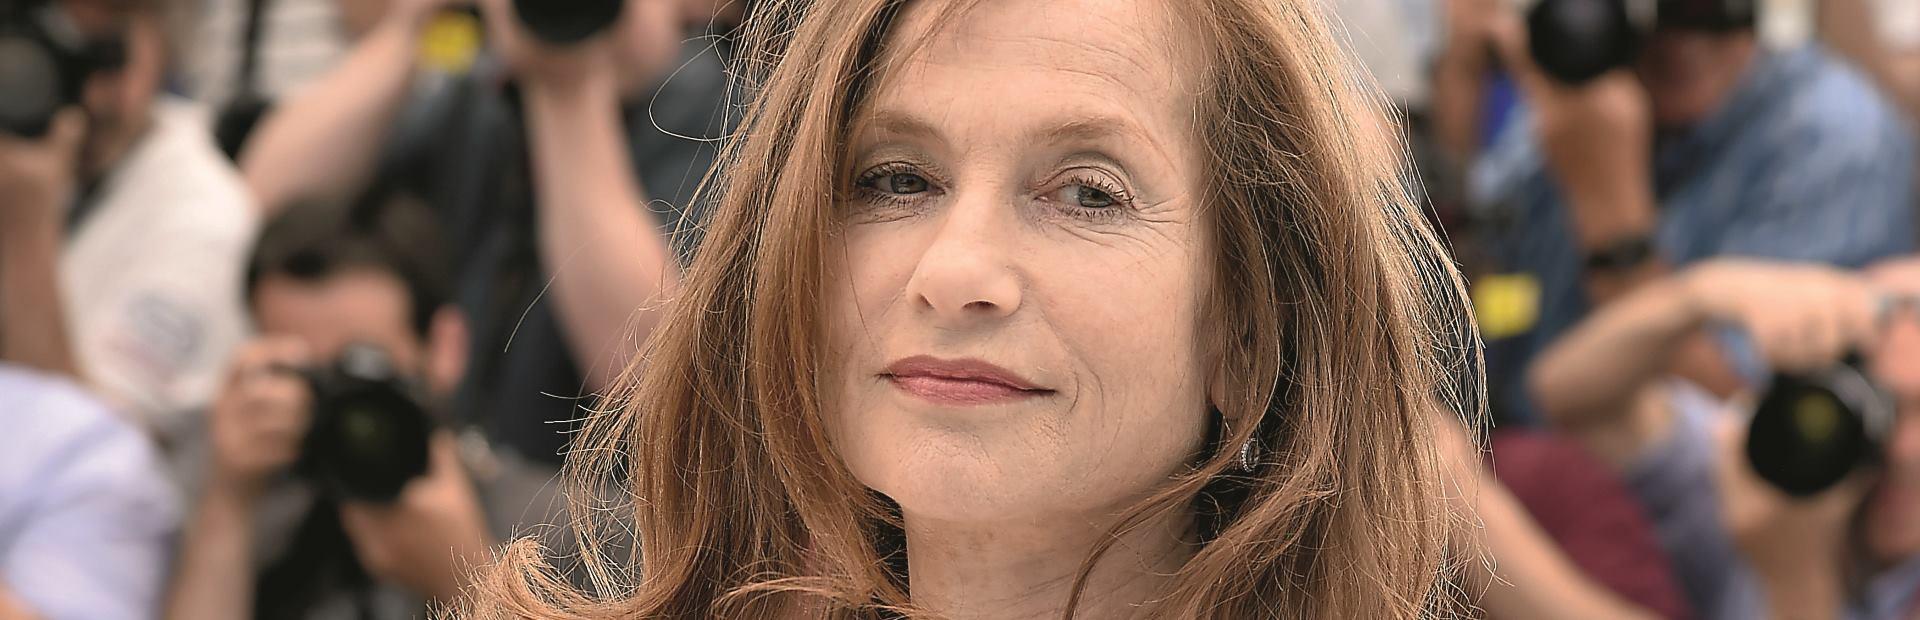 FRANCUSKA GLUMICA ISABELLE HUPPERT: 'Život glumaca uopće nije lak, vrlo je nesiguran'